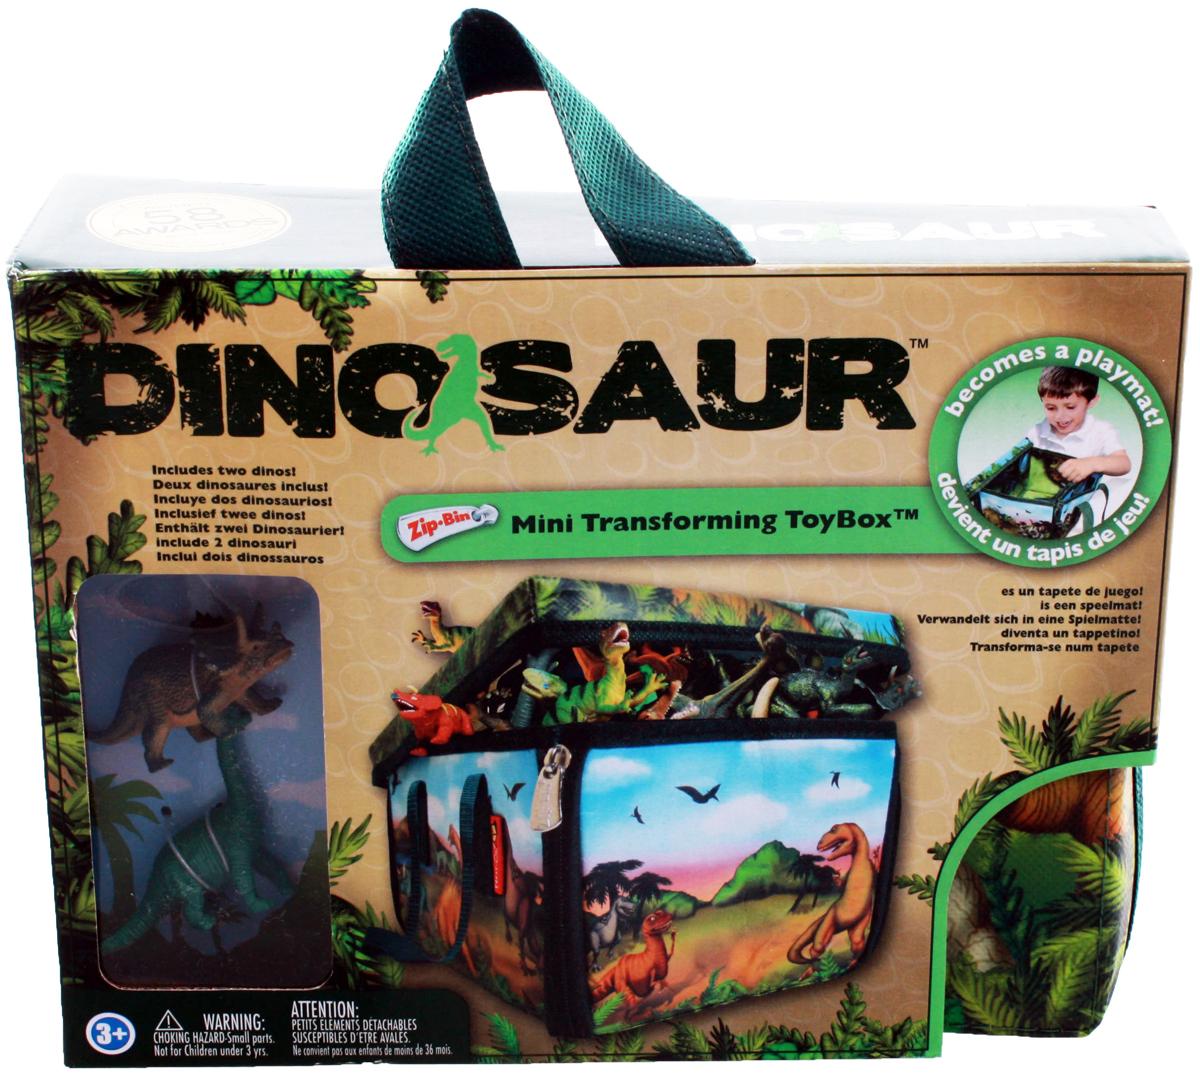 Dinosaur Игровой набор Мини ЗипБин Динозавр 3 предметаА1043Х2Вопрос о сохранности и транспортировке игрушек можно считать решенным, ведь теперь у вашего ребенка будет оригинальный и удобный ЗипБин. В нем можно не только переносить или хранить игрушки, он и сам является частью игры. Интересный формат коробки-коврика позволяет максимально просто организовать сбор использованных элементов – только не позволяйте им выходить за пределы площадки! Коробка легко раскладывается и превращается в красочный коврик. Игровое поле украшено изображением фантастического мира доисторических хищников. С помощью фигурок-динозавров (2 в комплекте) можно придумать множество интересных сценариев и разыграть их прямо на полу своей комнаты. Могучие динозавры и захватывающие приключения уже ждут вас! С помощью ЗипБина этой серии вы сможете создать свои собственные удивительные истории, стать их режиссером и главным героем. Фигурки динозавров из всех игровых наборов прекрасно подходят для коллекционирования. Собрав всех зверей вместе, вы сможете разыгрывать поистине эпические сражения, достойные экранизации. Увлекательная игра докажет, что грубой силе всегда можно противопоставить смекалку, умение пользоваться техникой и командный дух. Состав: коробка-коврик-50%полипропилен, 40% пористый полиэтилен, 10% картон; фигурка-пластик. Рекомендуемый возраст - от 3х лет. Размер коробки-23Х17,5Х12,5 см (д/ш/в), коврика-44,5Х39,5 см, высота фигурки-6,2 см.